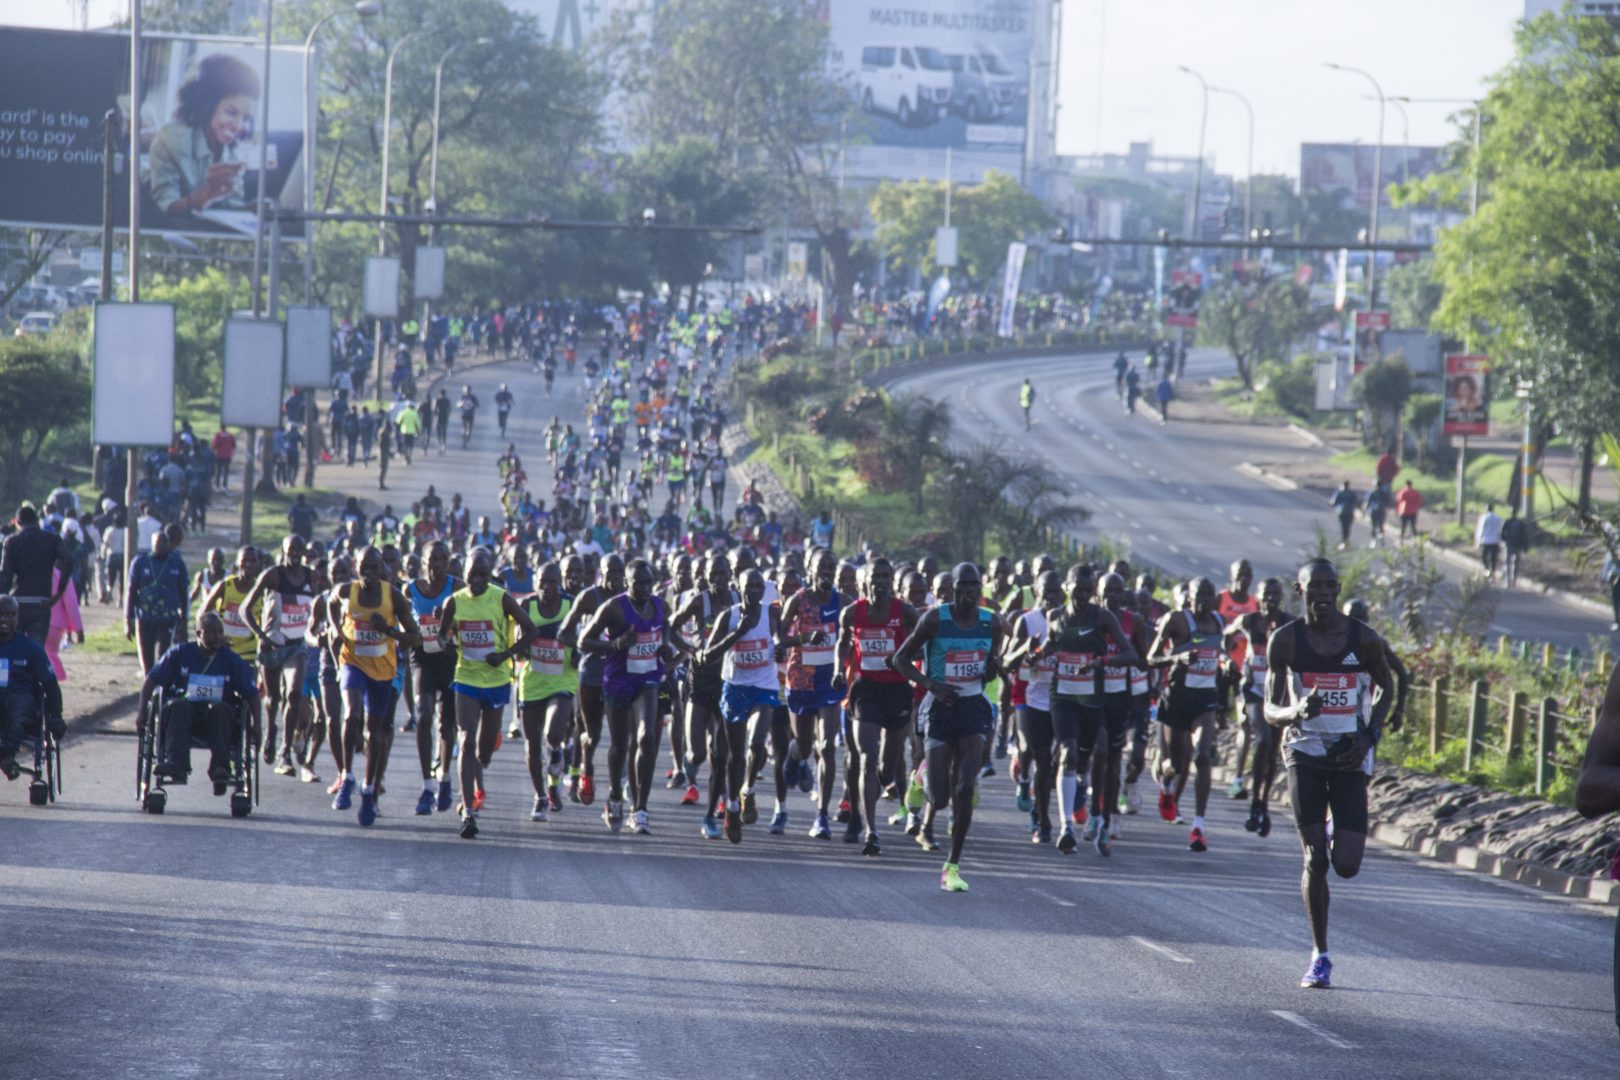 https://www.nairobimarathon.com/wp-content/uploads/2021/07/MG_4324.jpg